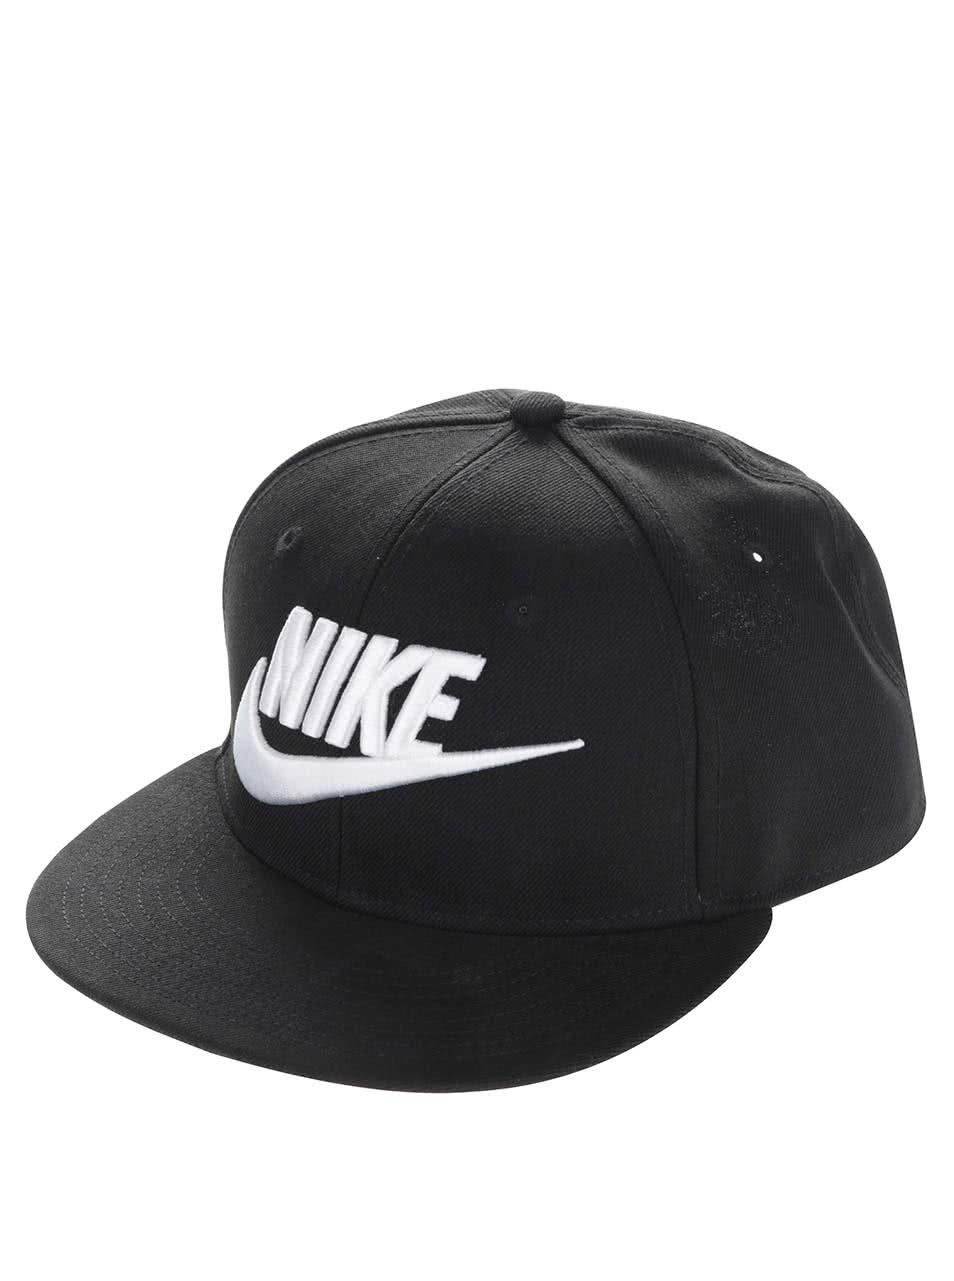 Černá pánská kšiltovka s nápisem Nike Futura